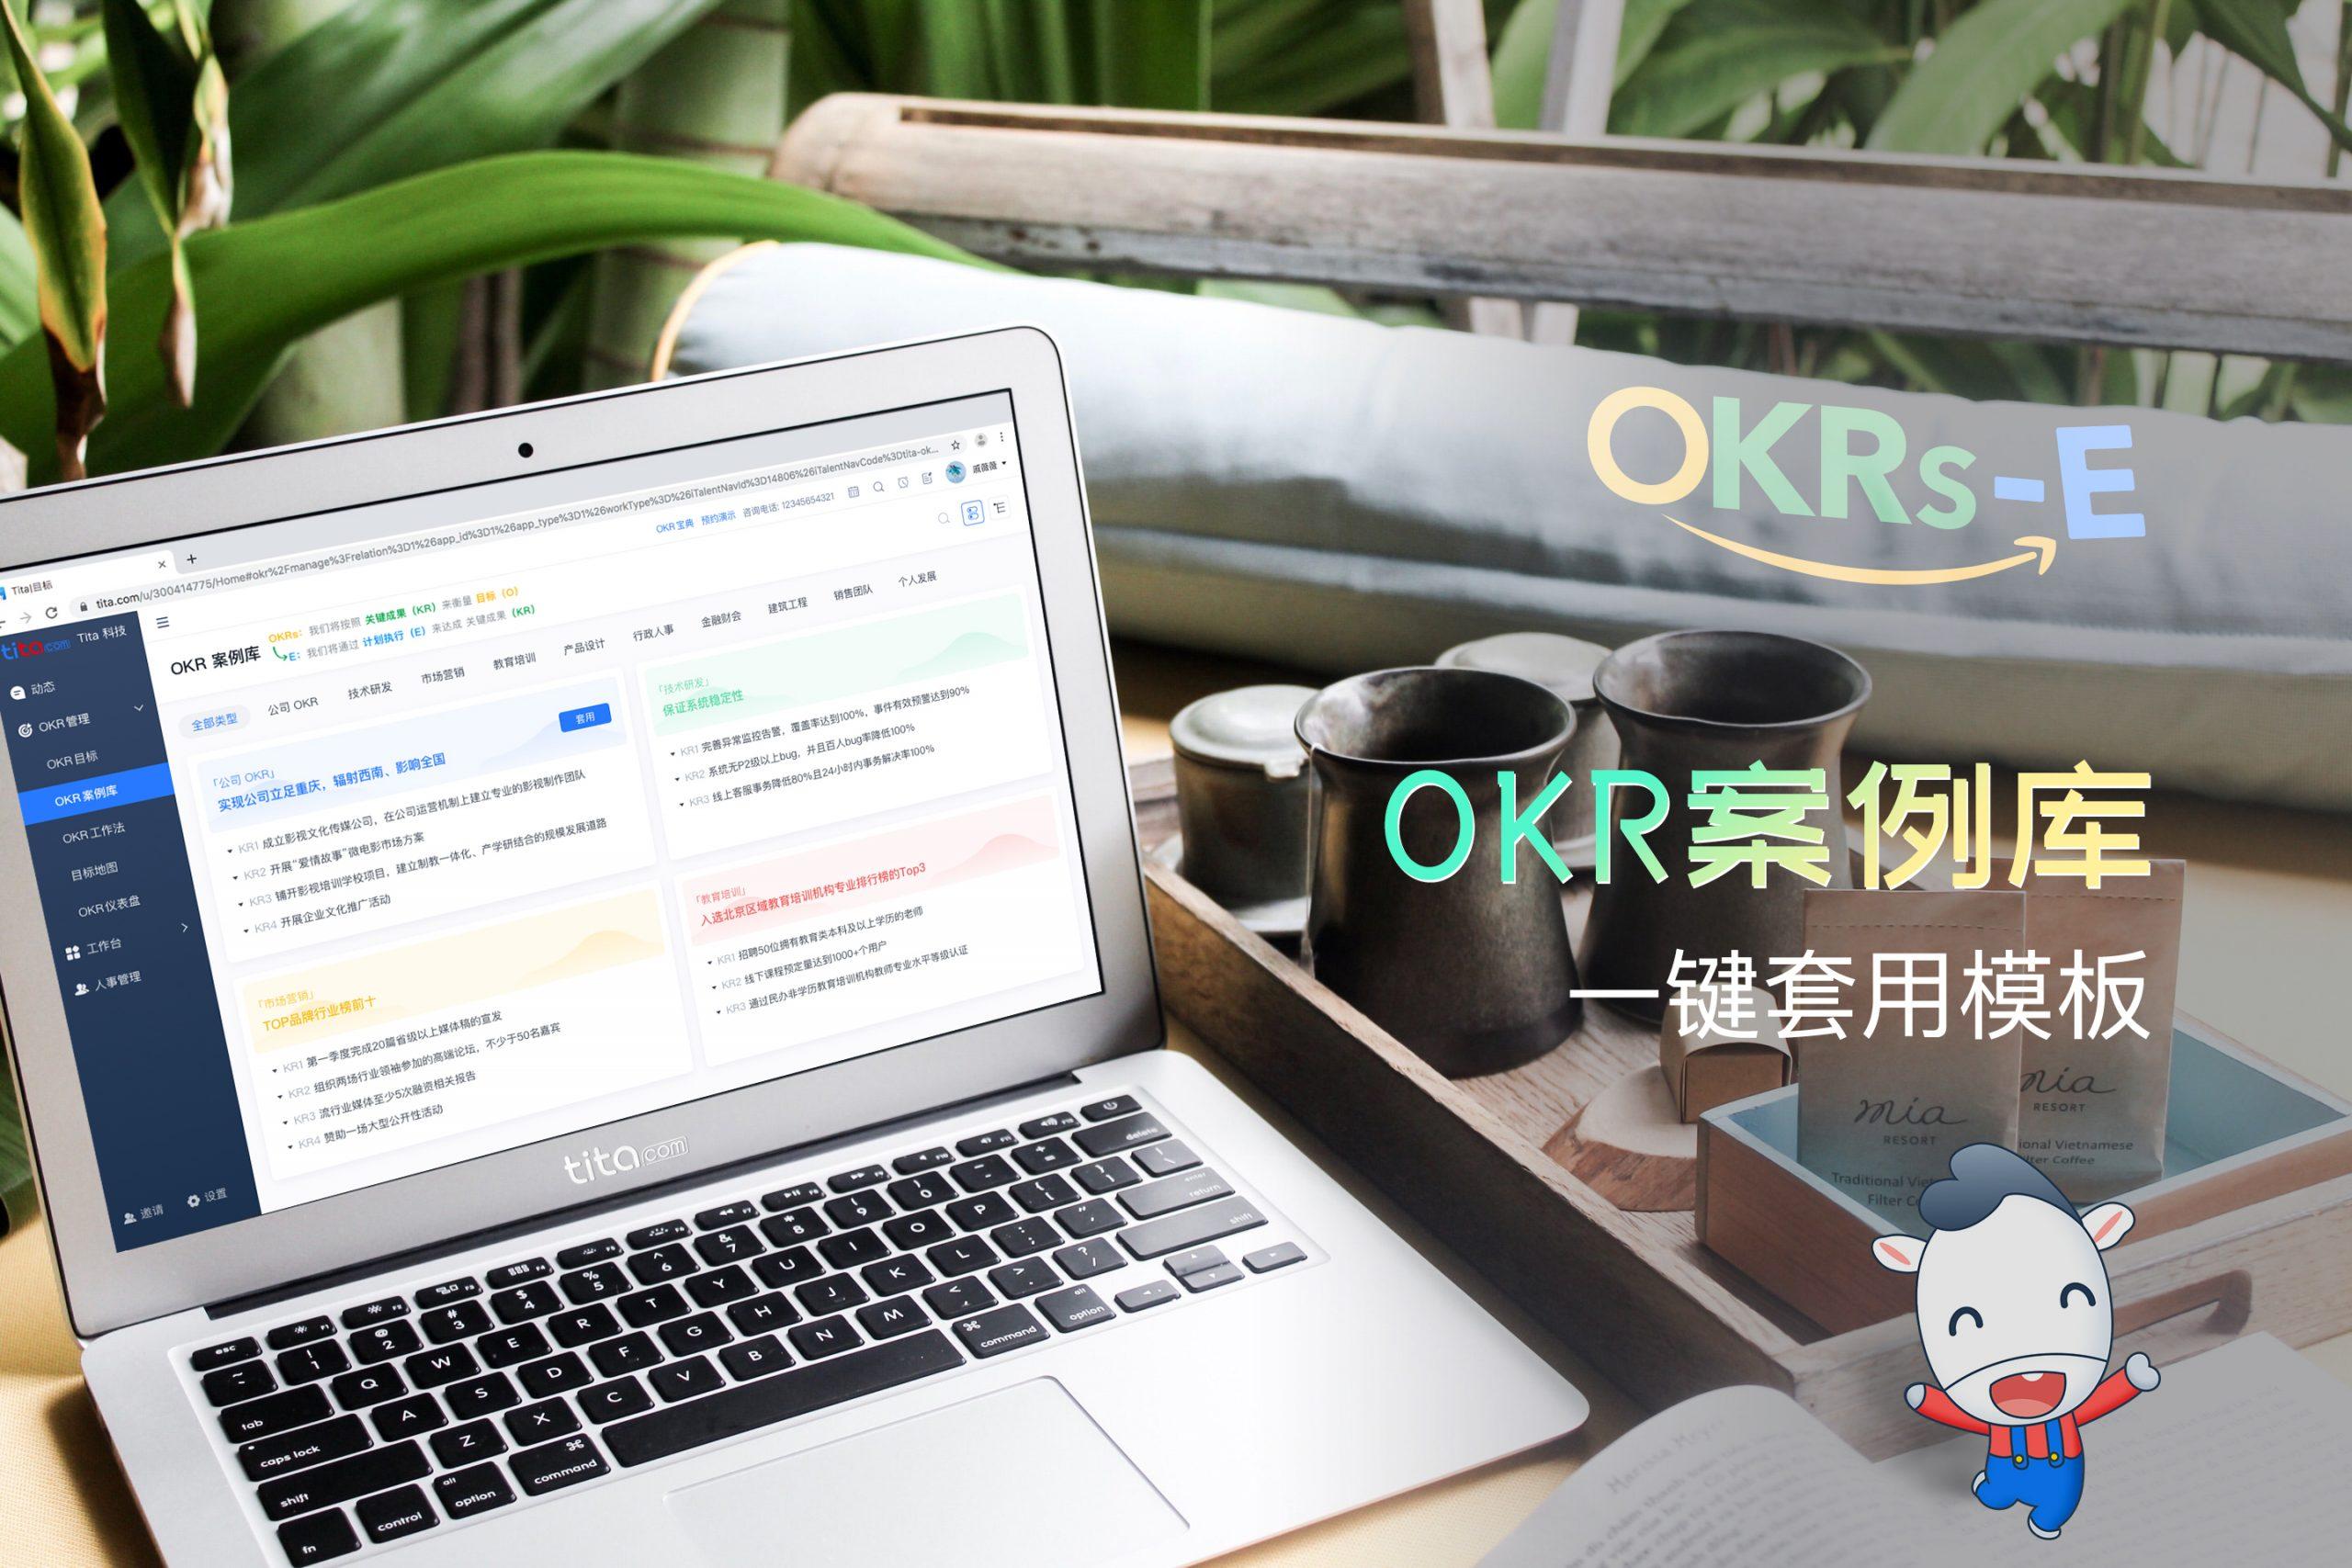 OKR案例:判断OKR有效性的2个核心原则(三)